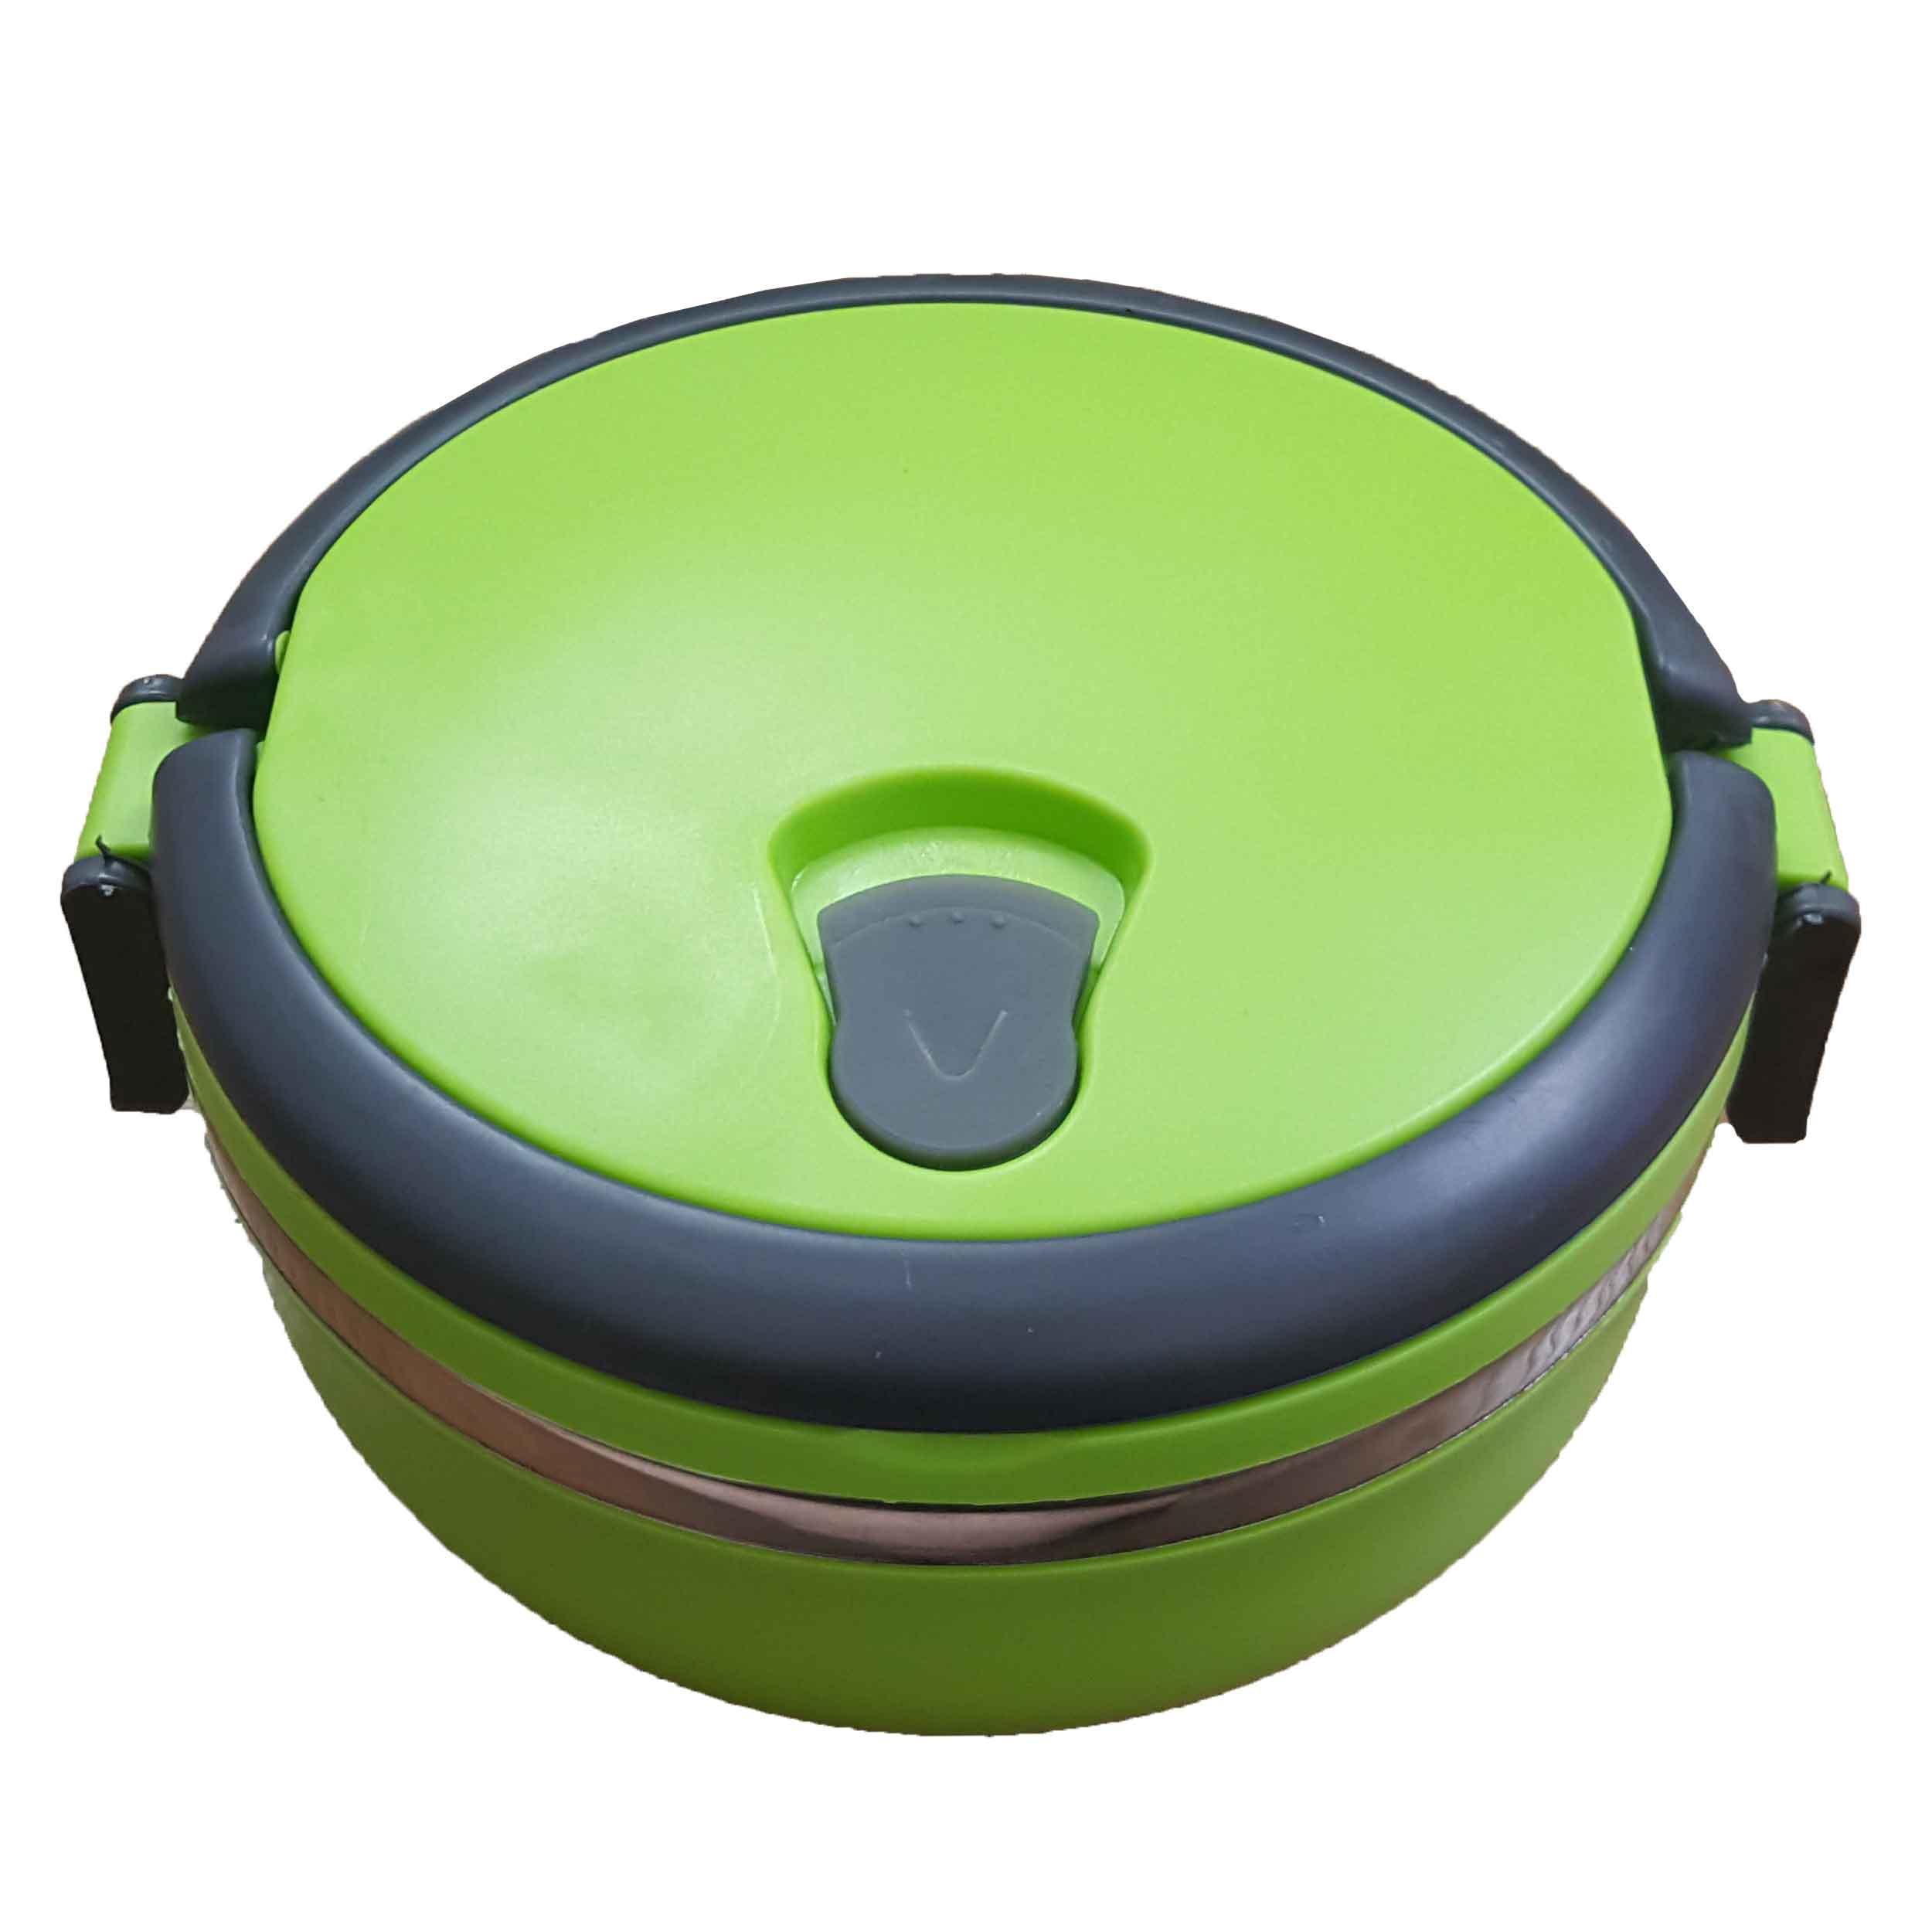 ظرف نگهدارنده غذا مدل C01